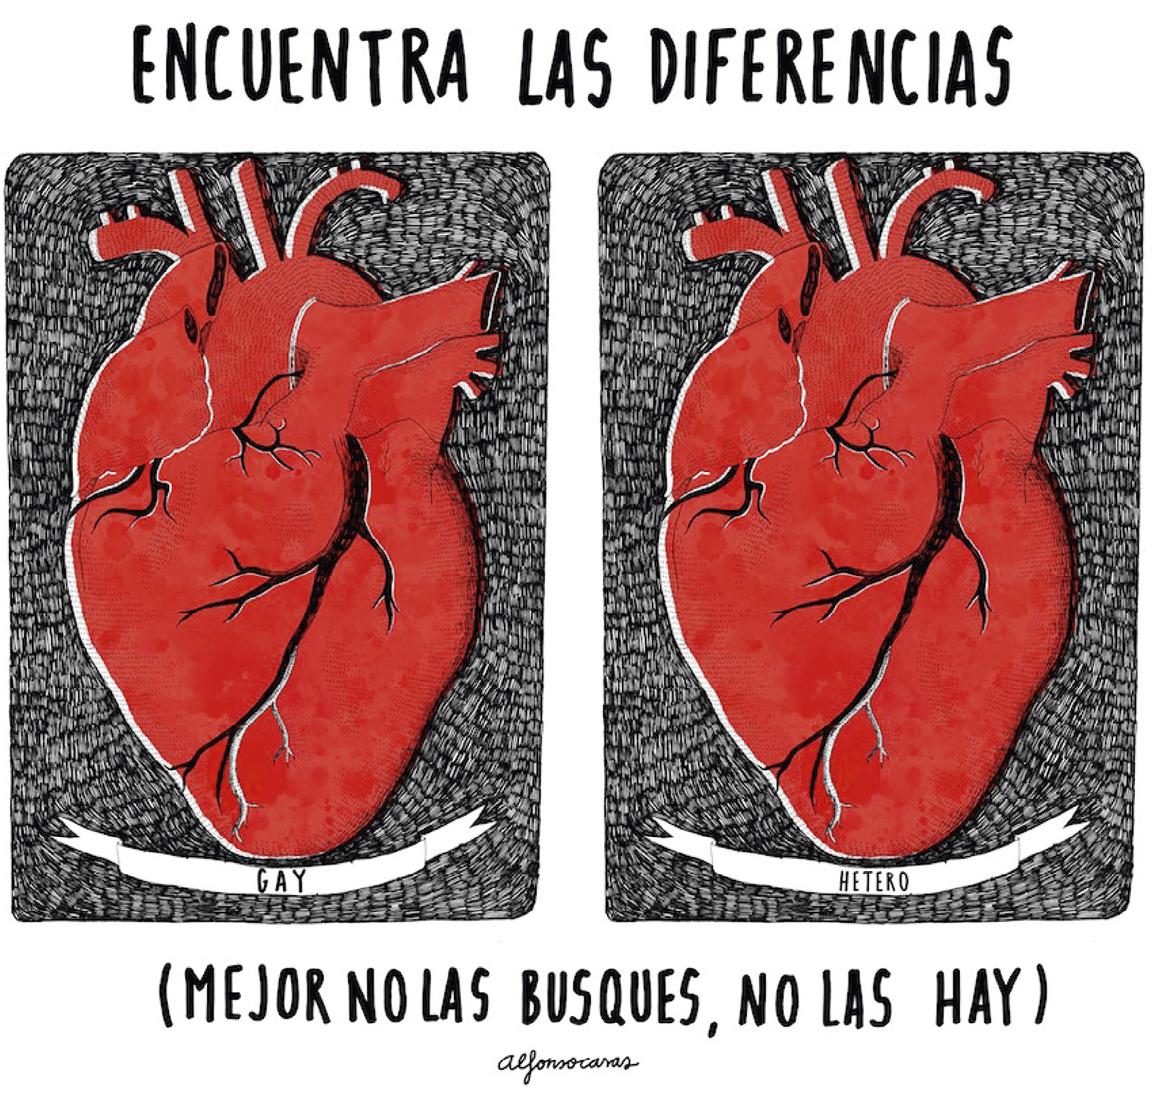 Alfonso Casas, Encuentra las diferencias, 2015.